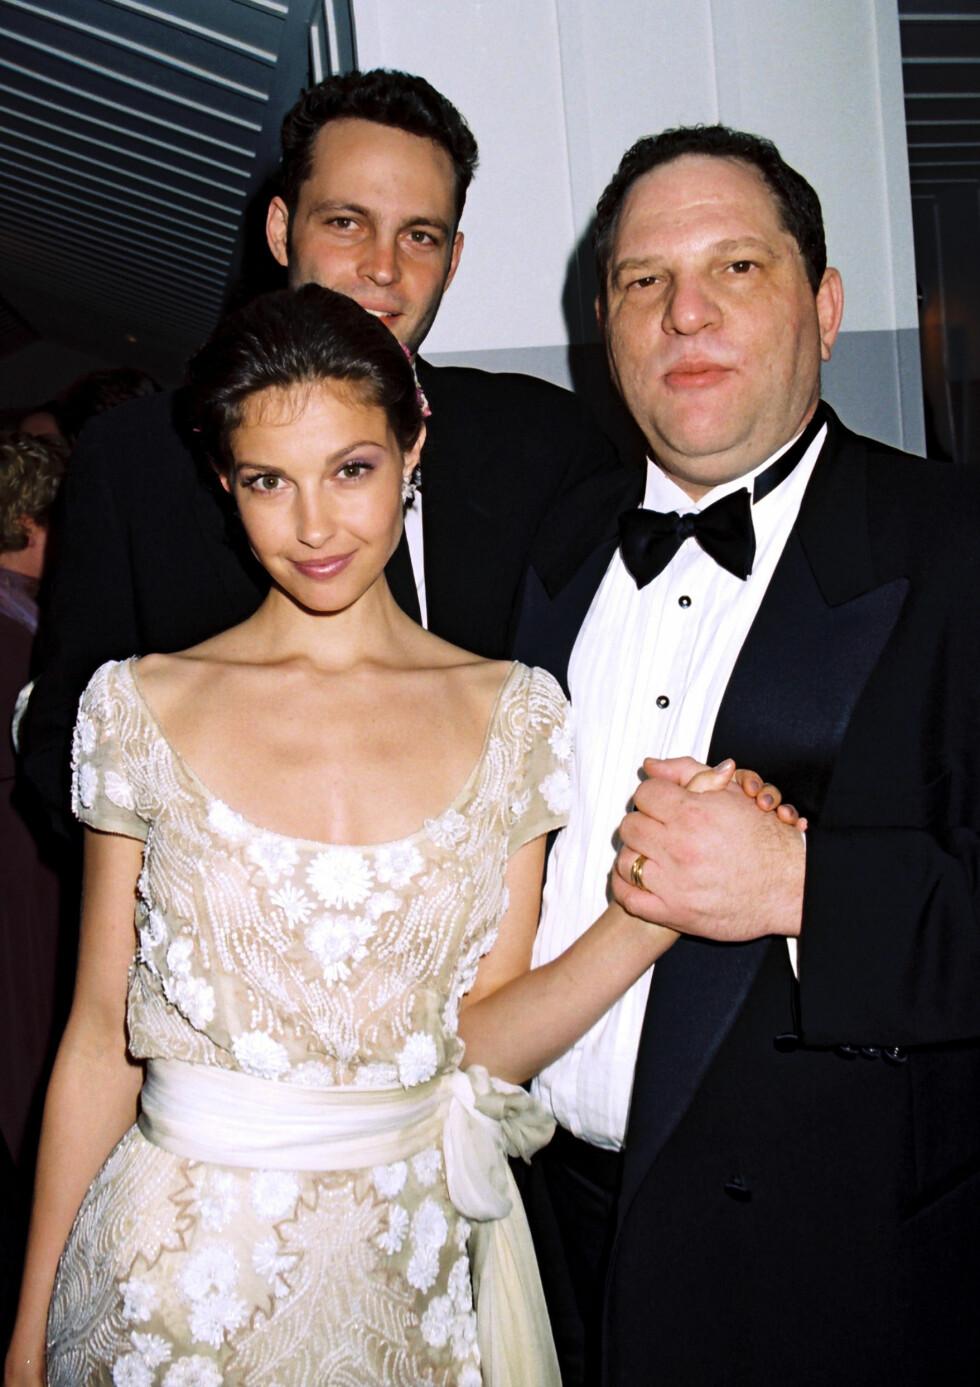 ASHKEY JUDD: For over 20 år siden hadde skuespiller Ashley Judd et ubehagelig møte med Weinstein i forbindelse med hva hun trodde skulle være et frokostmøte på Peninsula Beverly Hills hotel. Dette bildet er fra 1997. Foto: NTB Scanpix